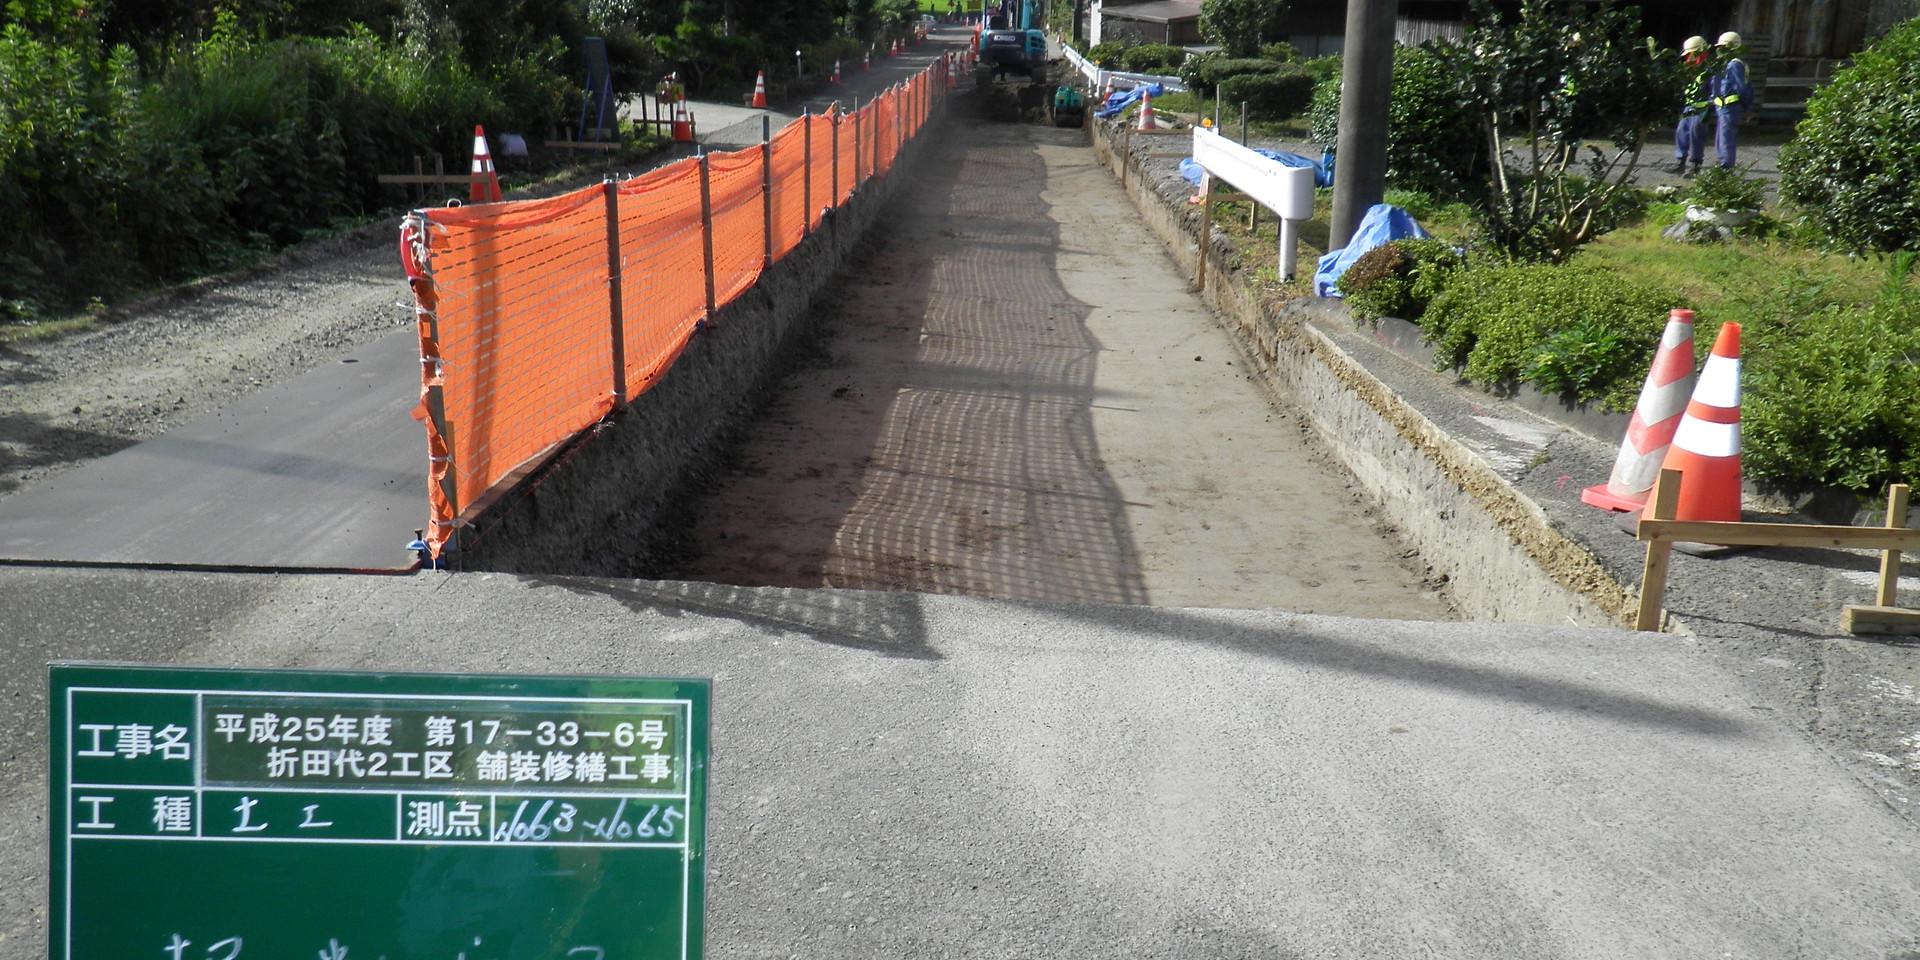 平成25年度  防地舗補 第17-33-6号 県道都城霧島公園線 折代2工区 舗装修繕工事